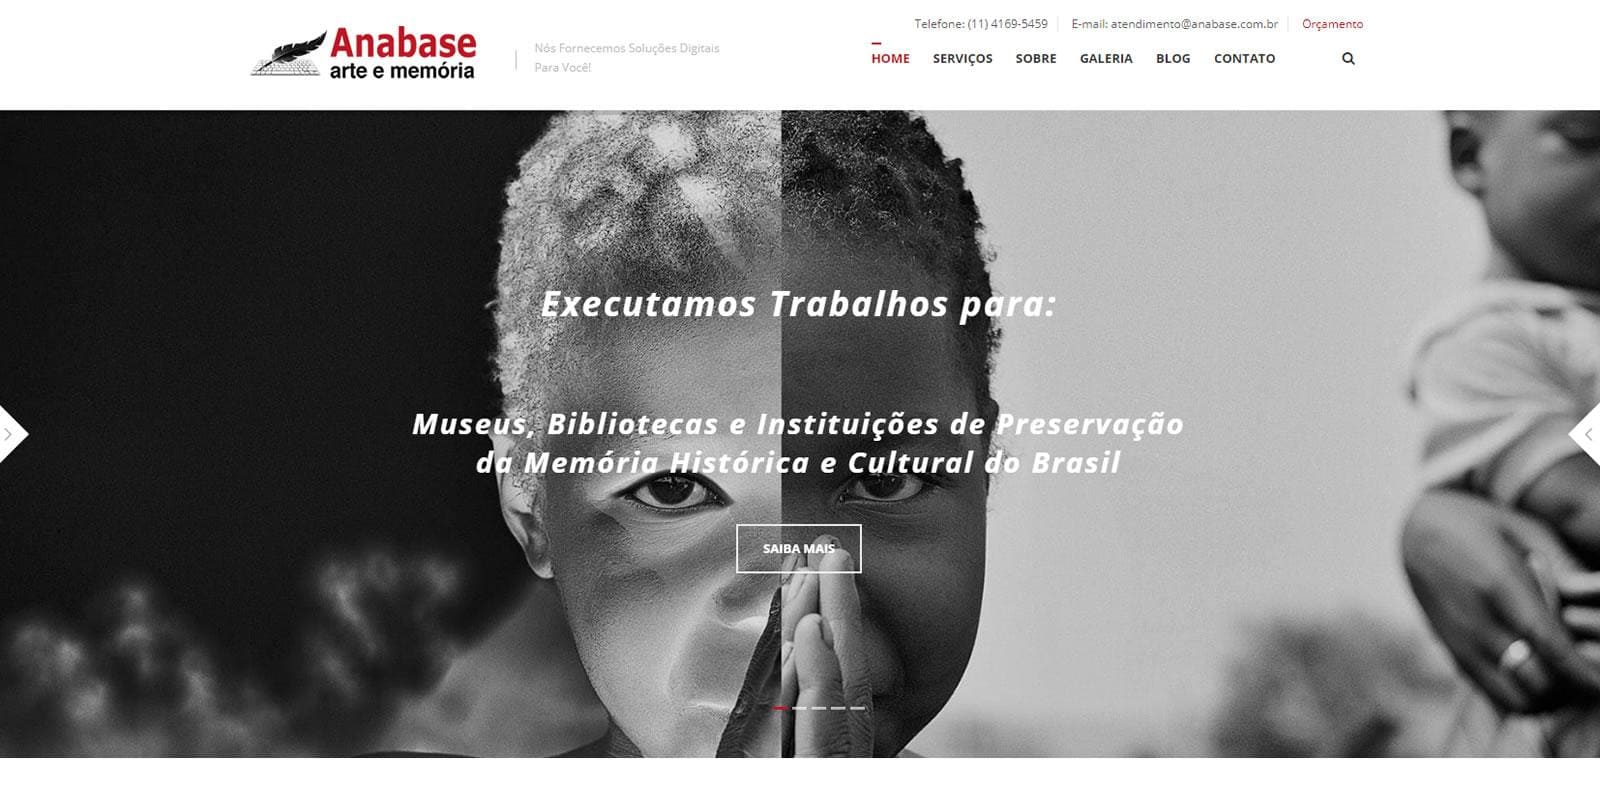 Anabase Digitalização